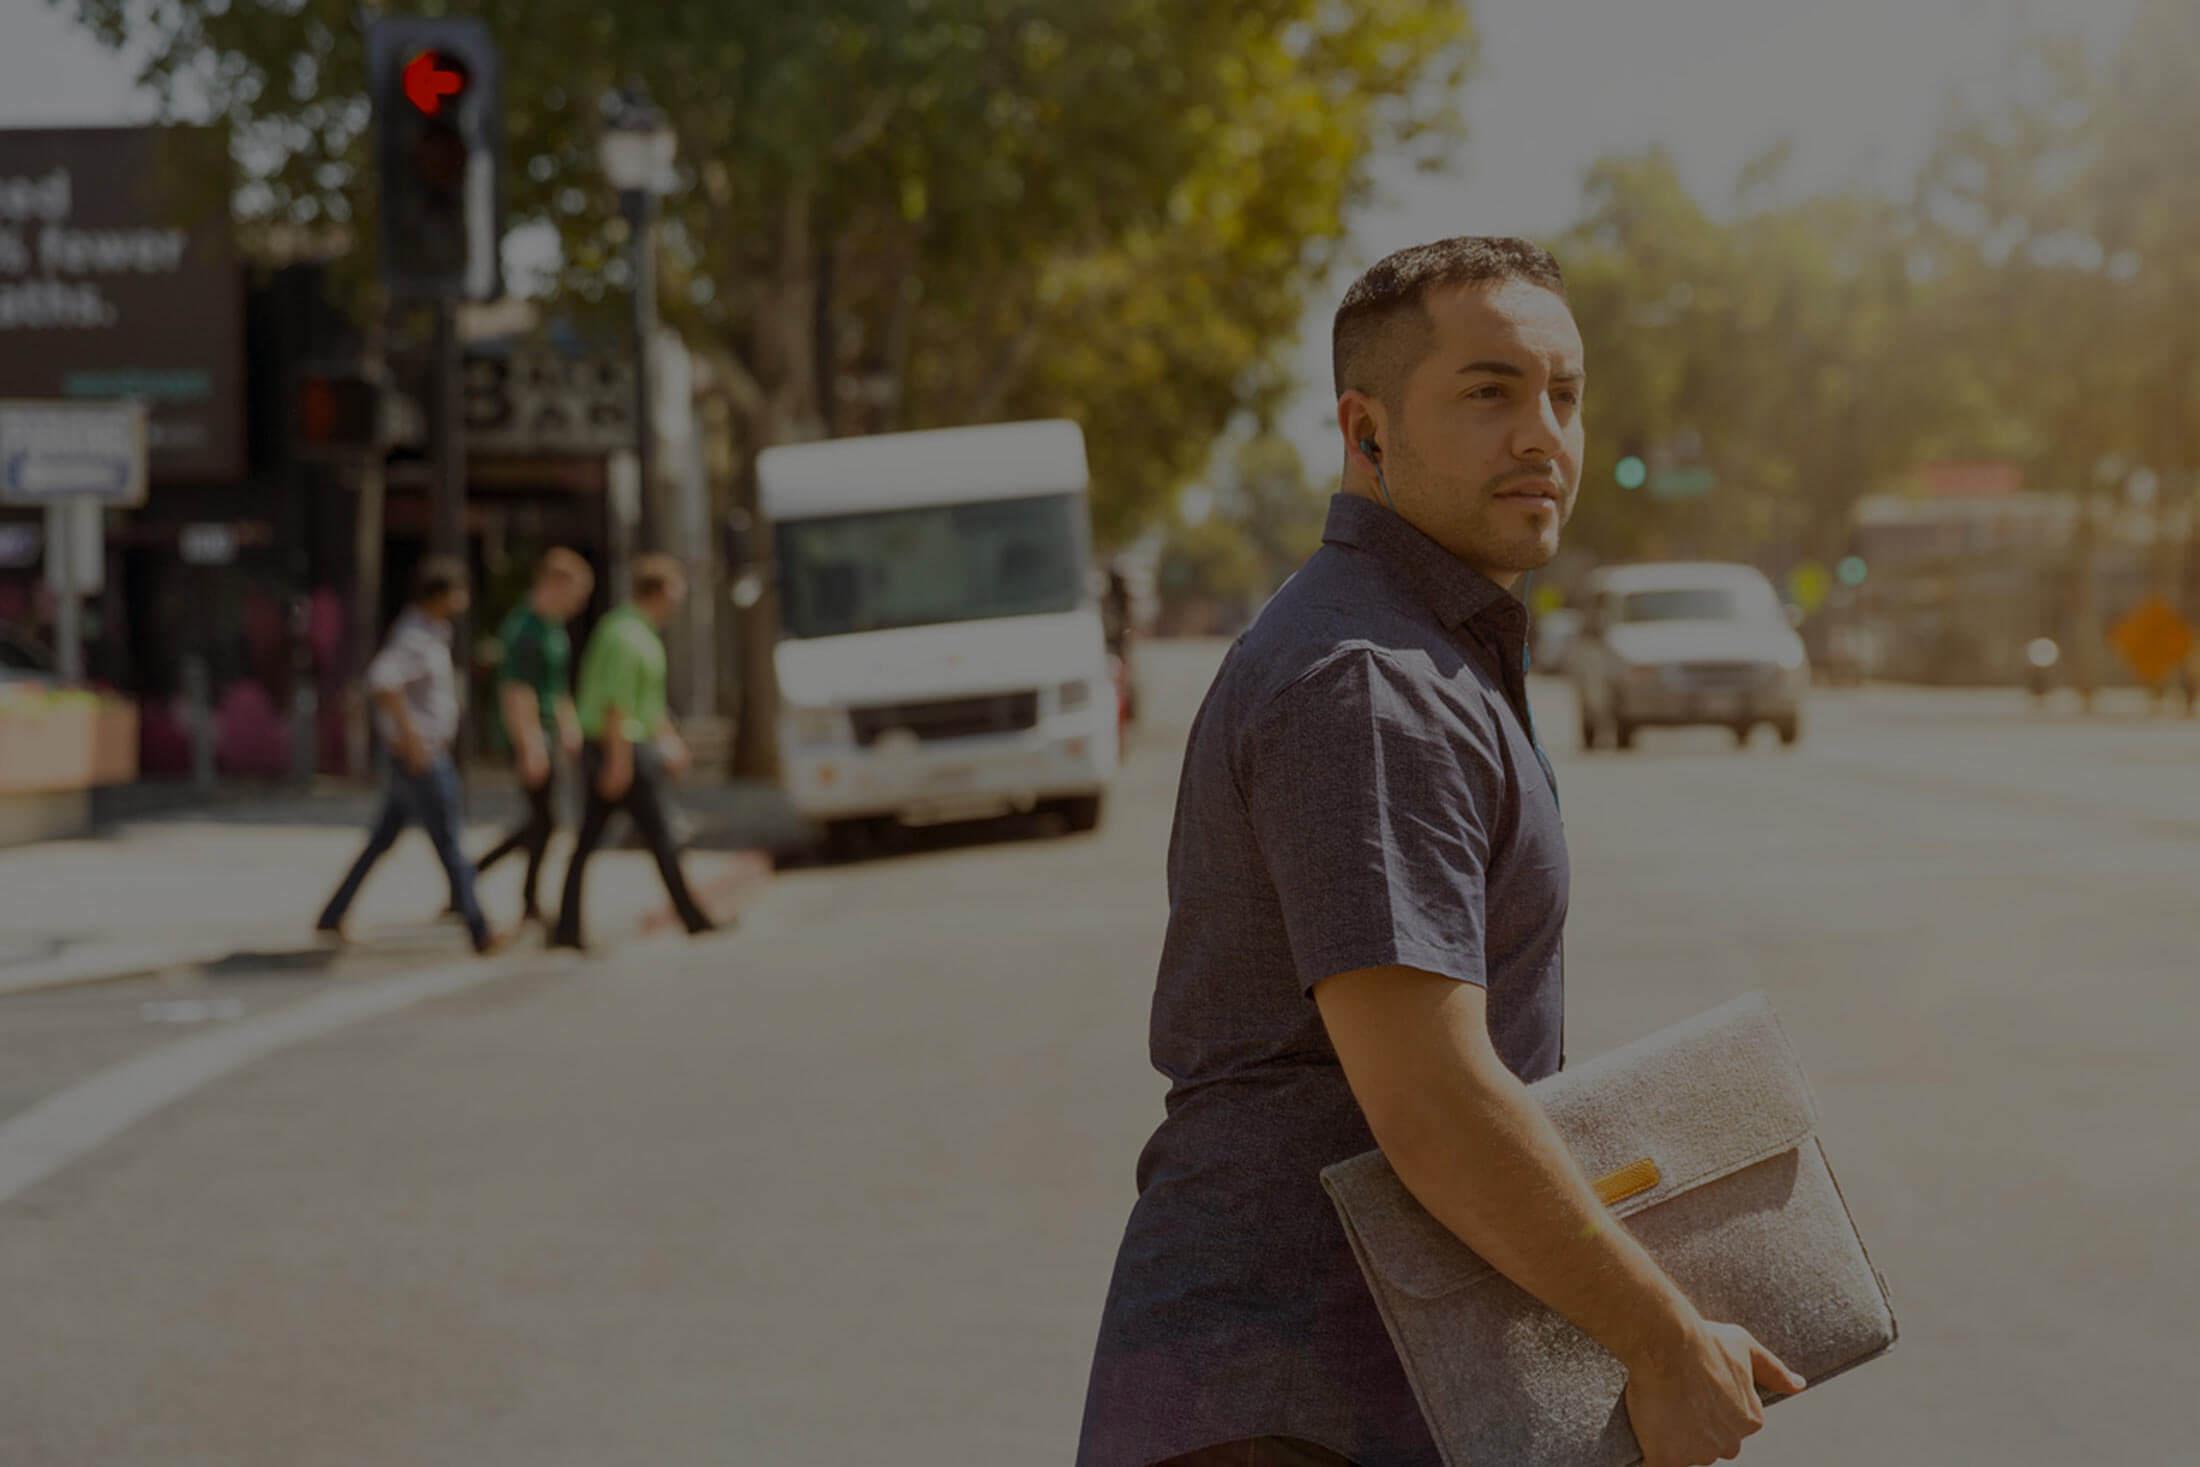 Pole emploi - offre emploi Monteur finisseur cordonnier (H/F) - Limoges